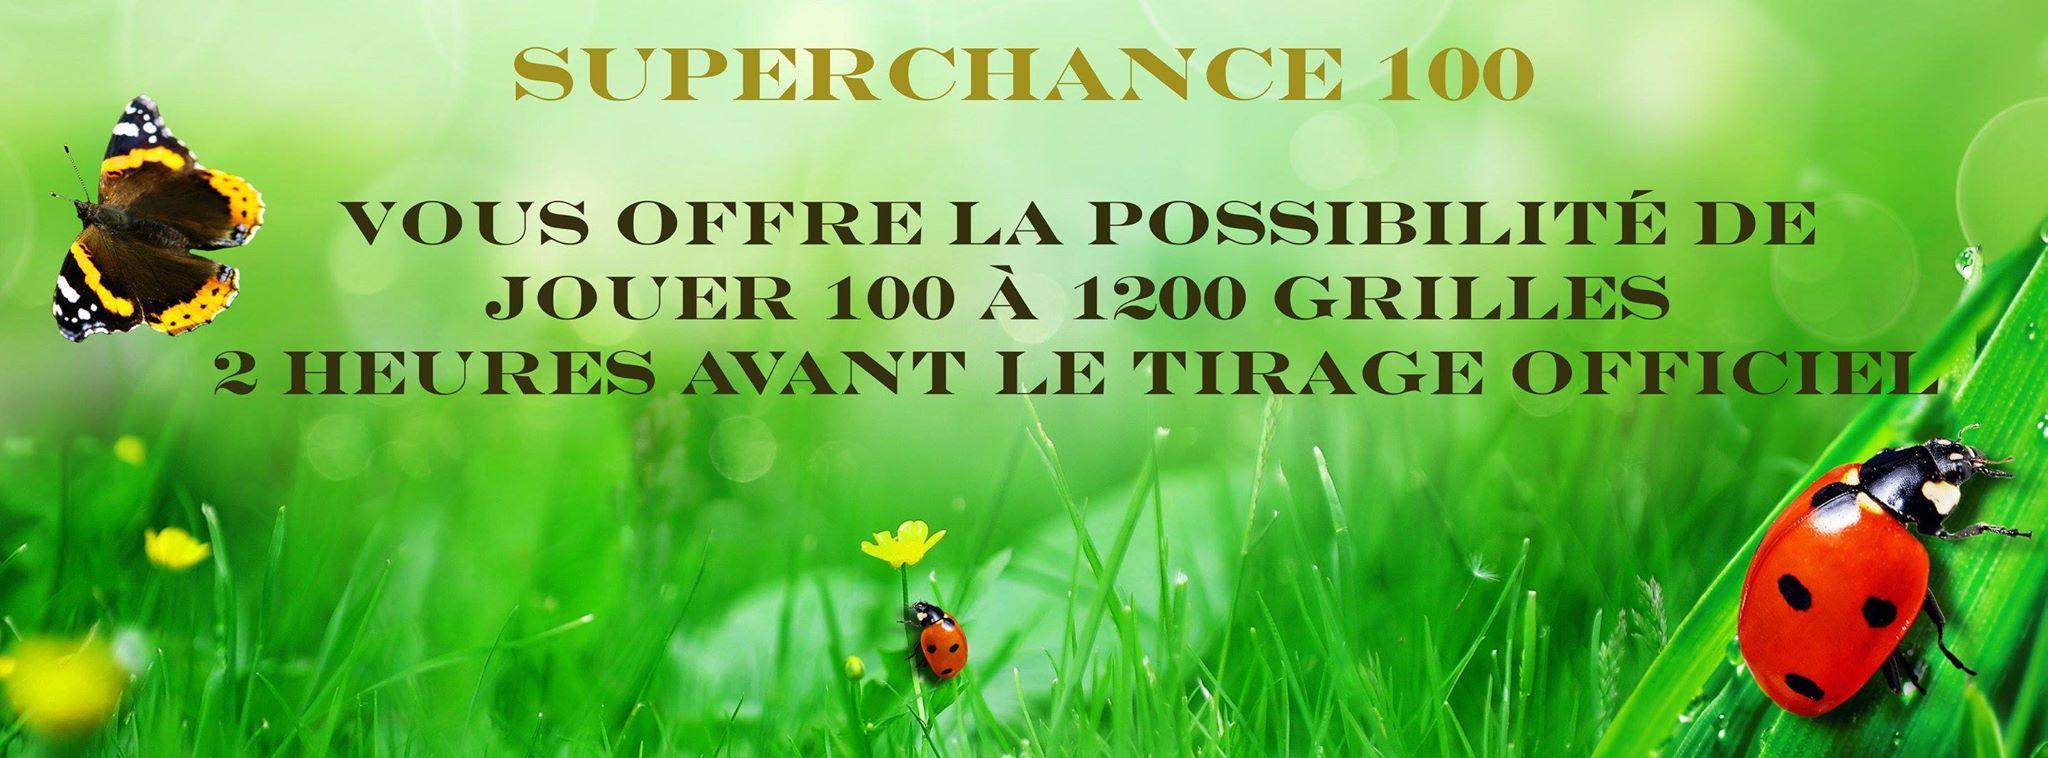 annonce promotion super chance 100